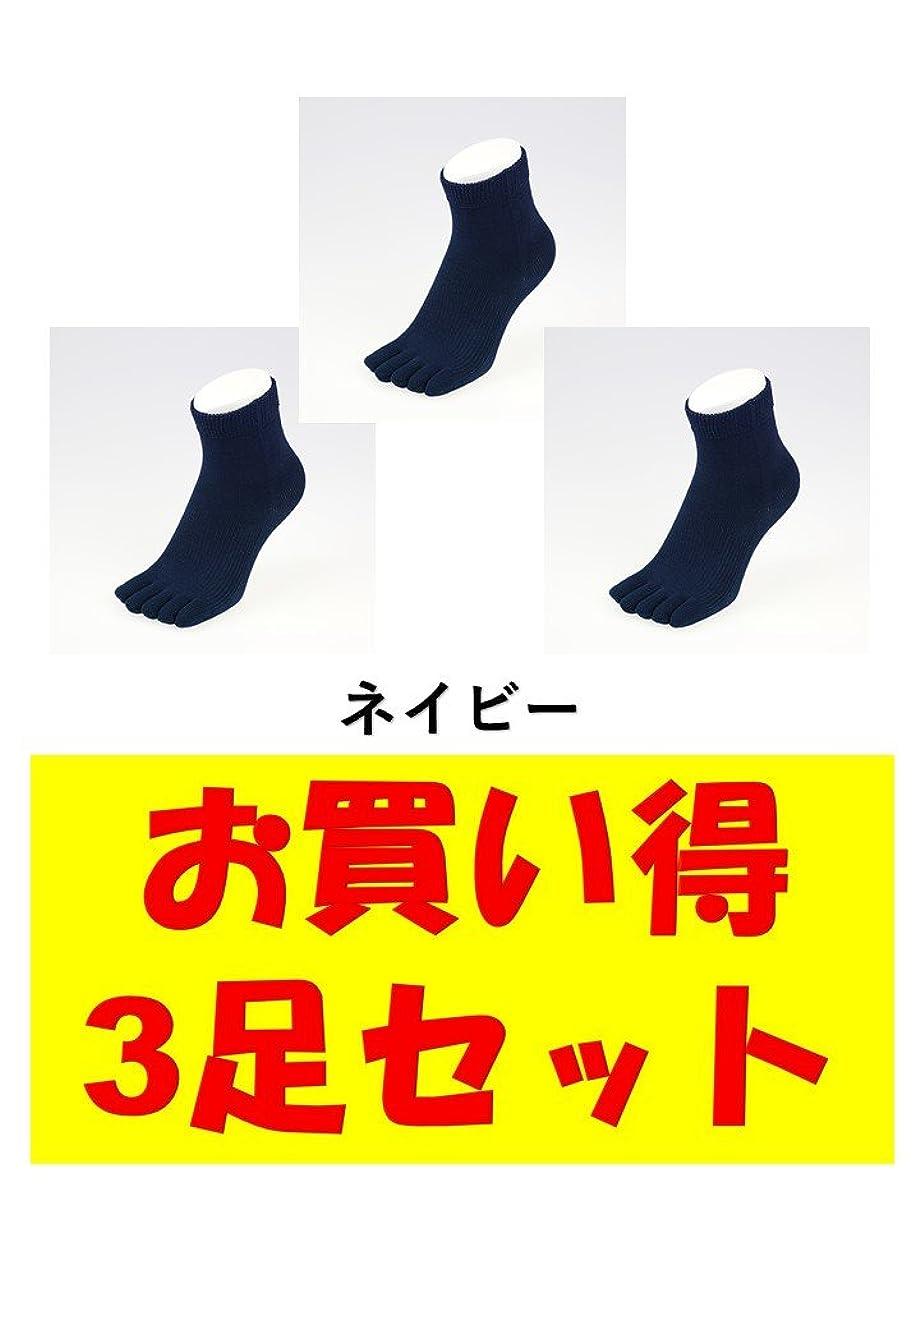 マイコン丈夫動的お買い得3足セット 5本指 ゆびのばソックス Neo EVE(イヴ) ネイビー iサイズ(23.5cm - 25.5cm) YSNEVE-NVY